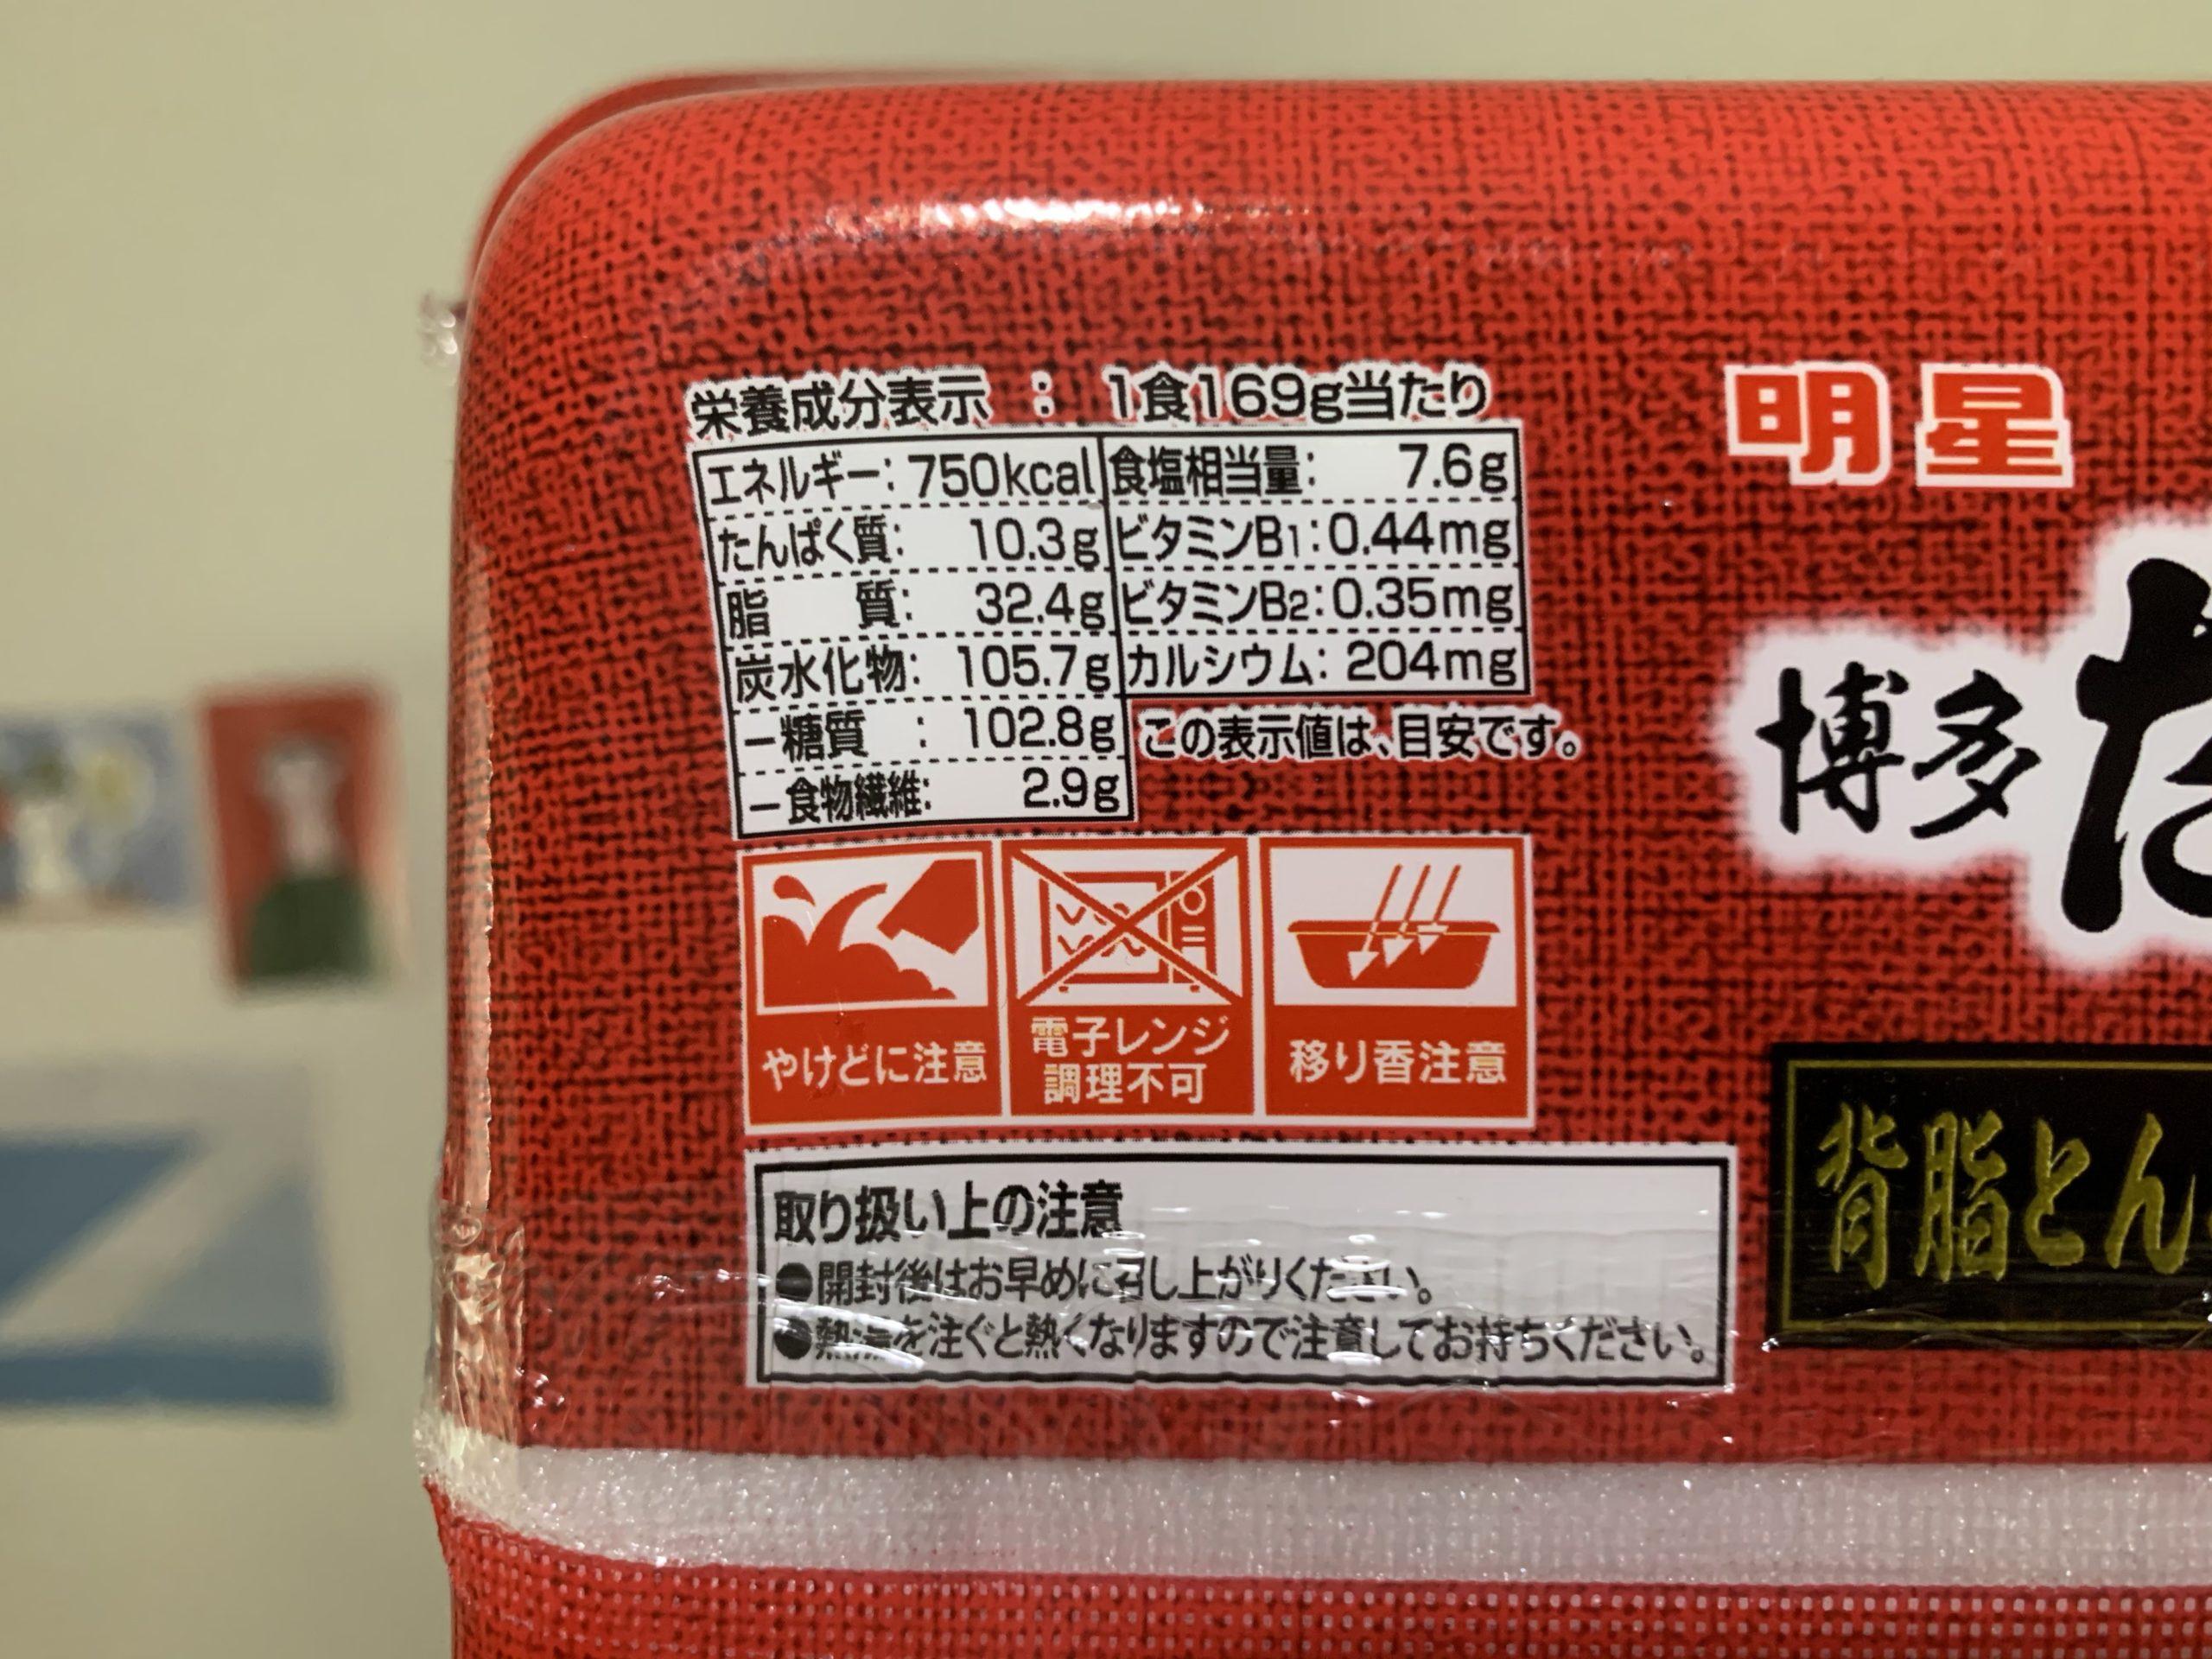 博多だるま焼ラーメンの栄養成分